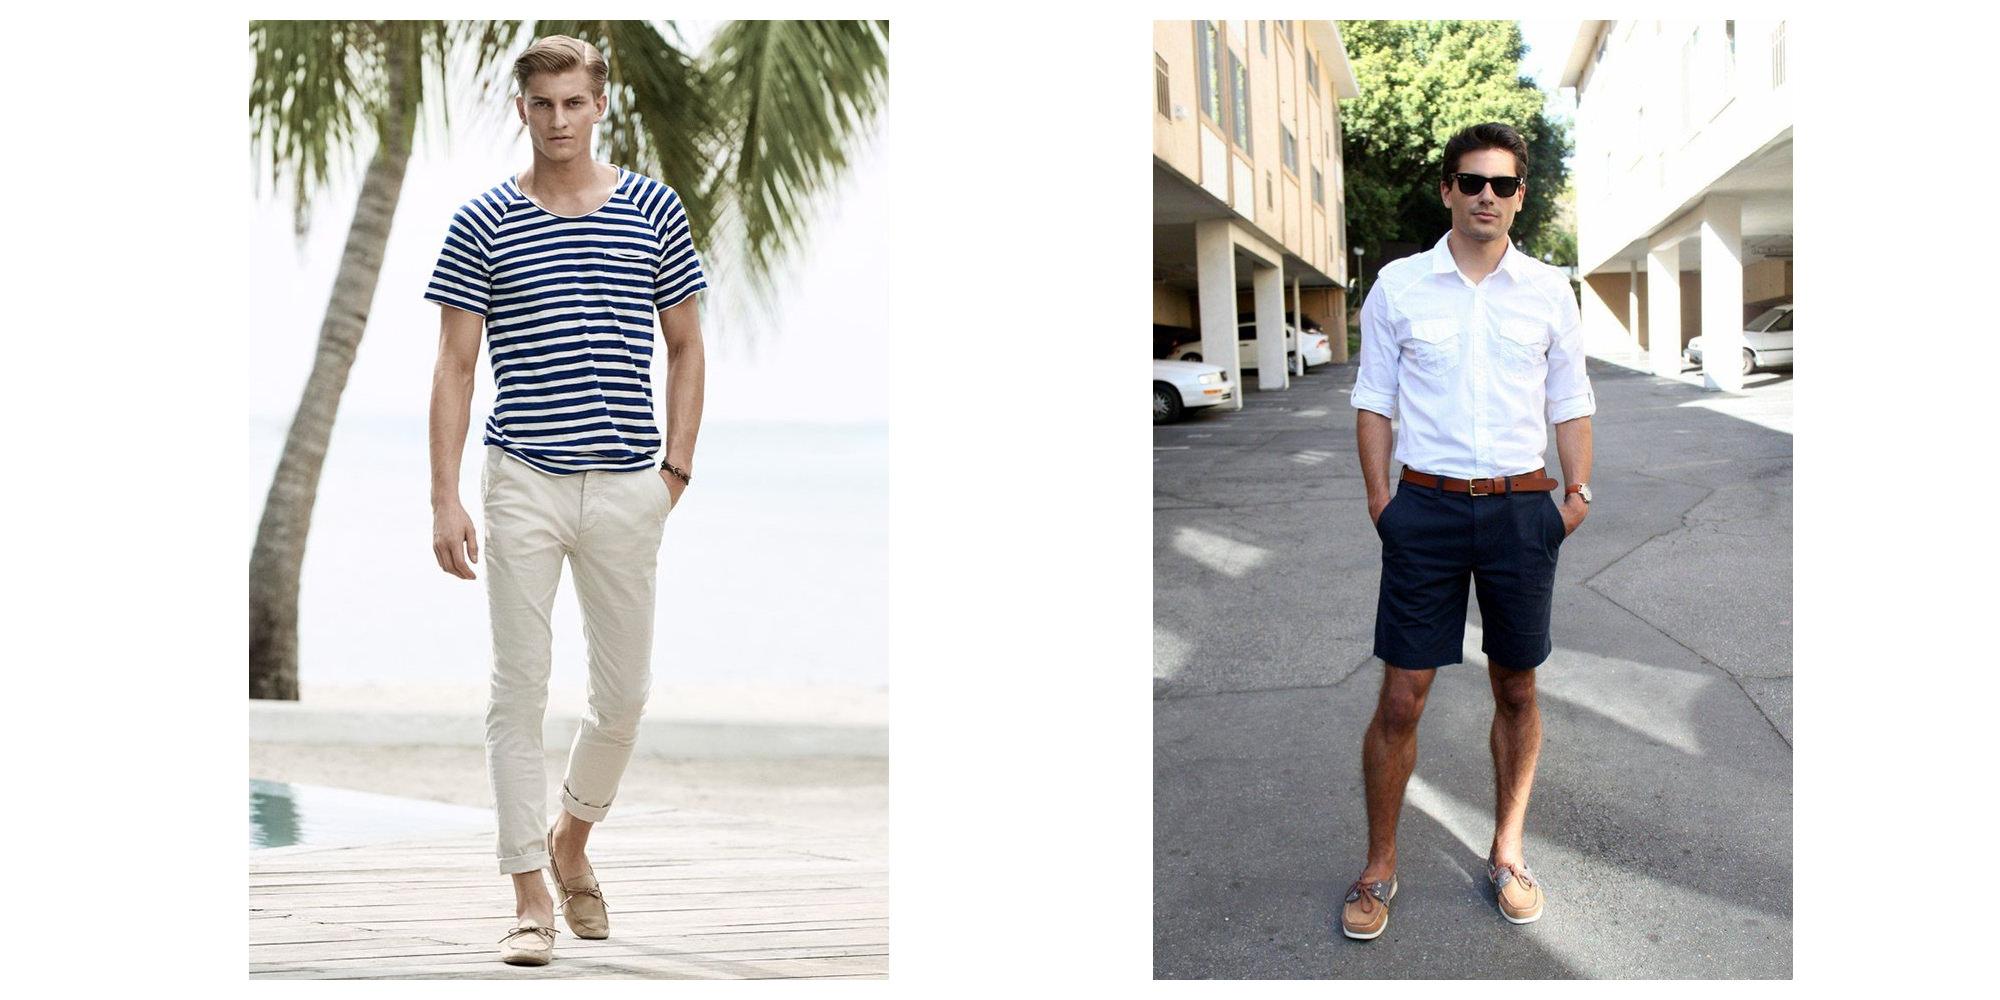 Comment bien s habiller en t quand il fait chaud conseils pour homme - Comment enlever de la cire sur un vetement ...